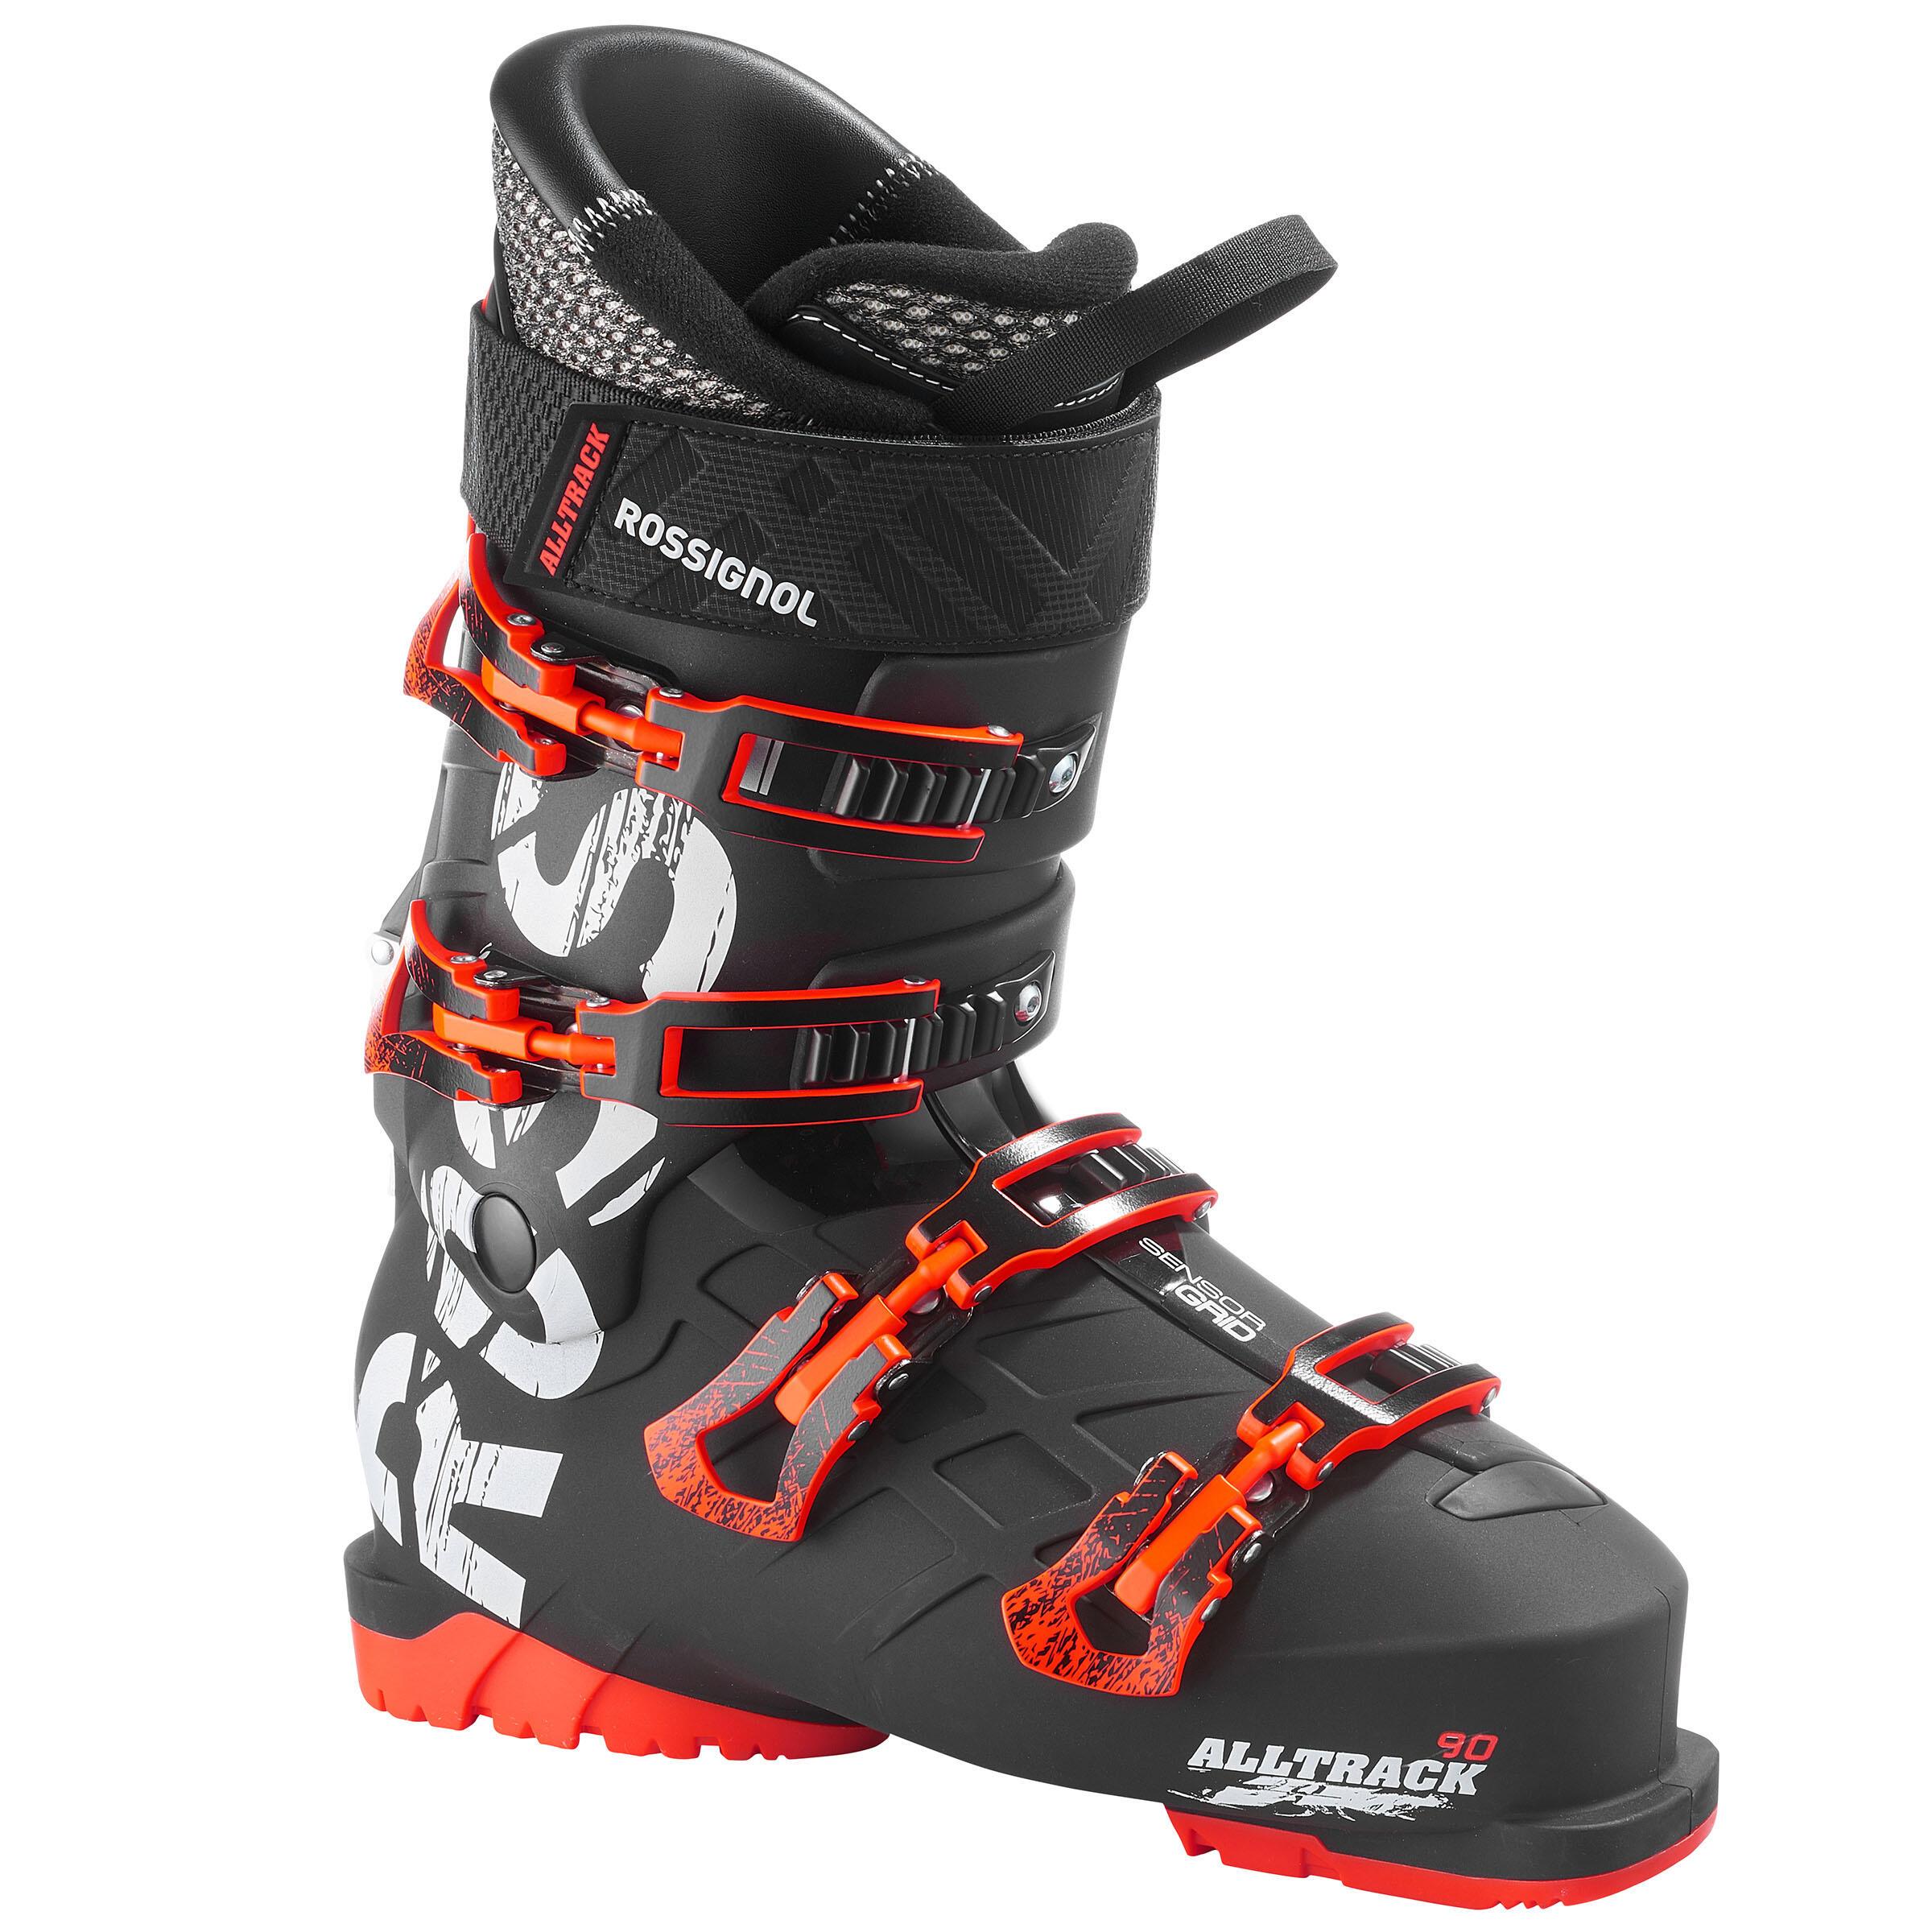 Rossignol Skischoenen voor heren Alltrack 90 oranje thumbnail